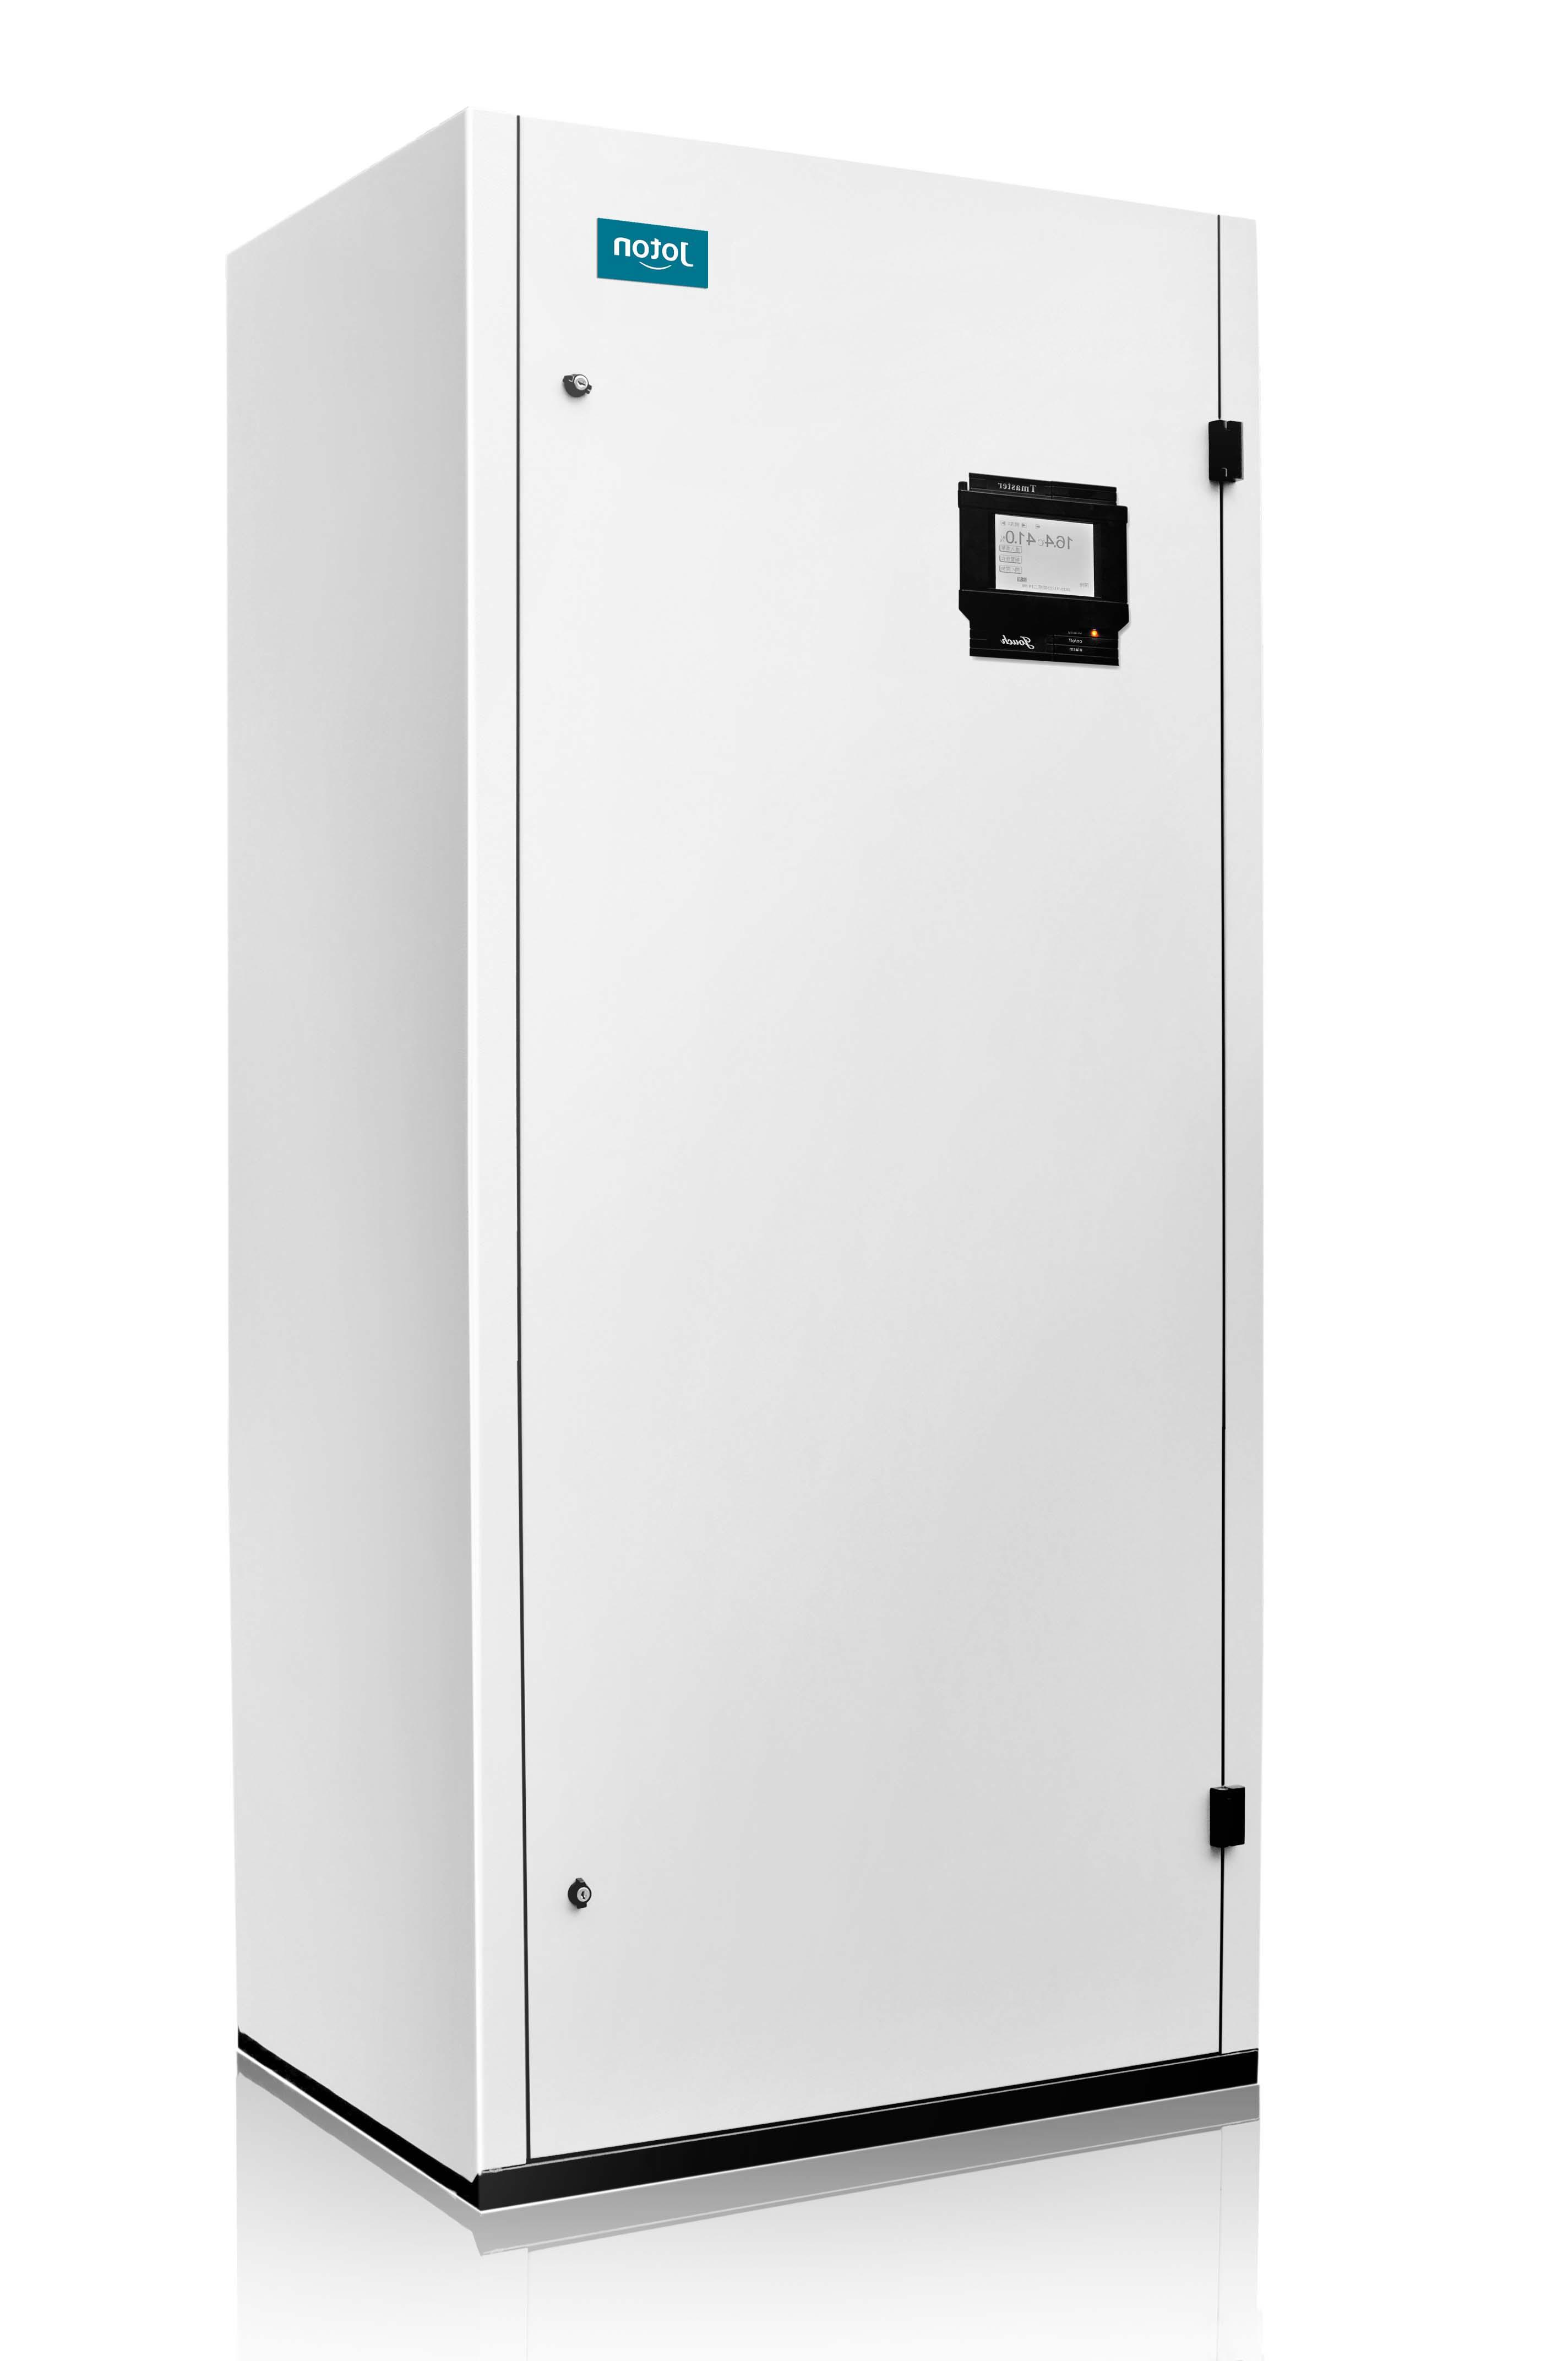 银川核磁共振室恒温恒湿空调代理_西安品牌好的银川机房精密空调厂家直销